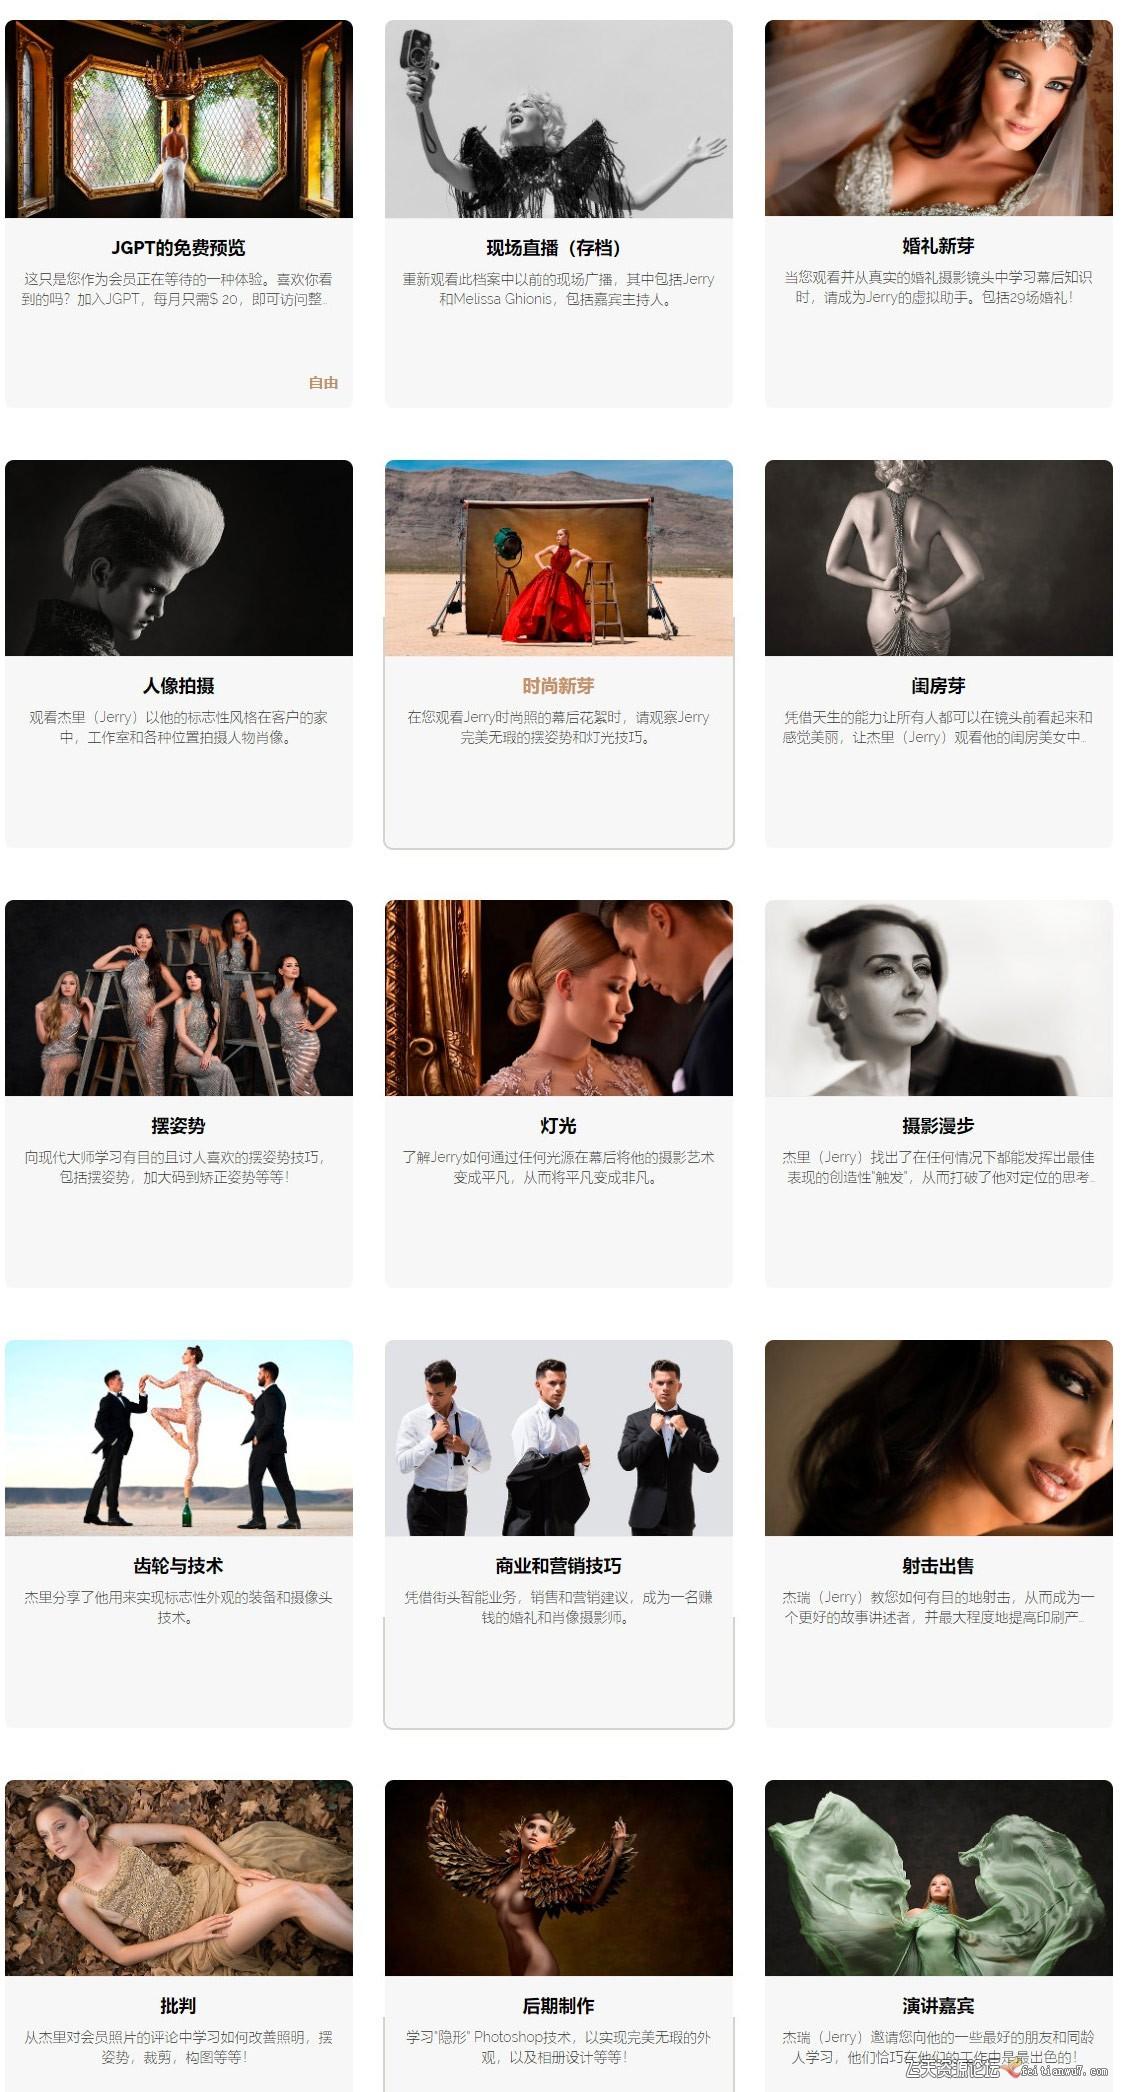 摄影教程_Jerry Ghionis Ice Society1-120章-顶级婚纱人像摄影教程套装(1-120套) 摄影教程 _预 (1)